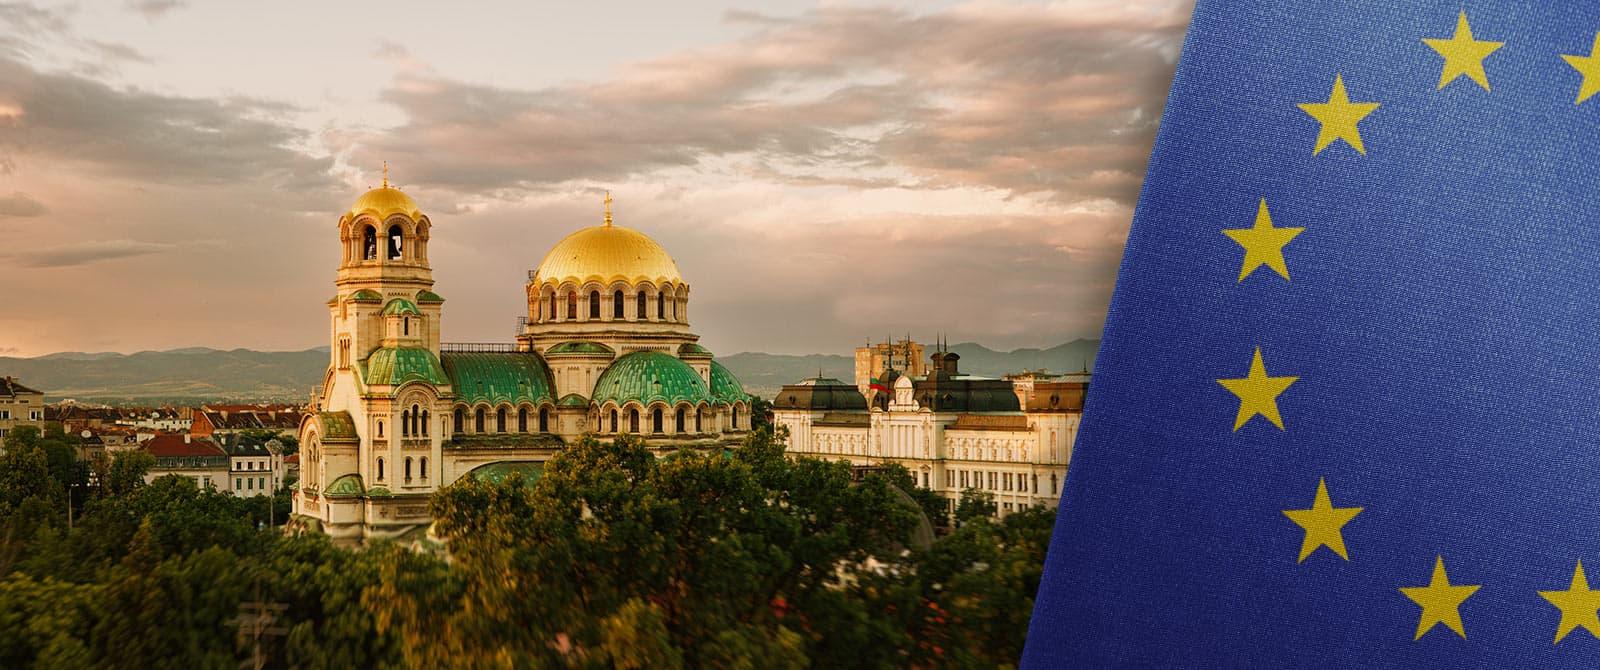 Bulgaristan'da Dükkan Açmak İçin İzlenecek Yollar